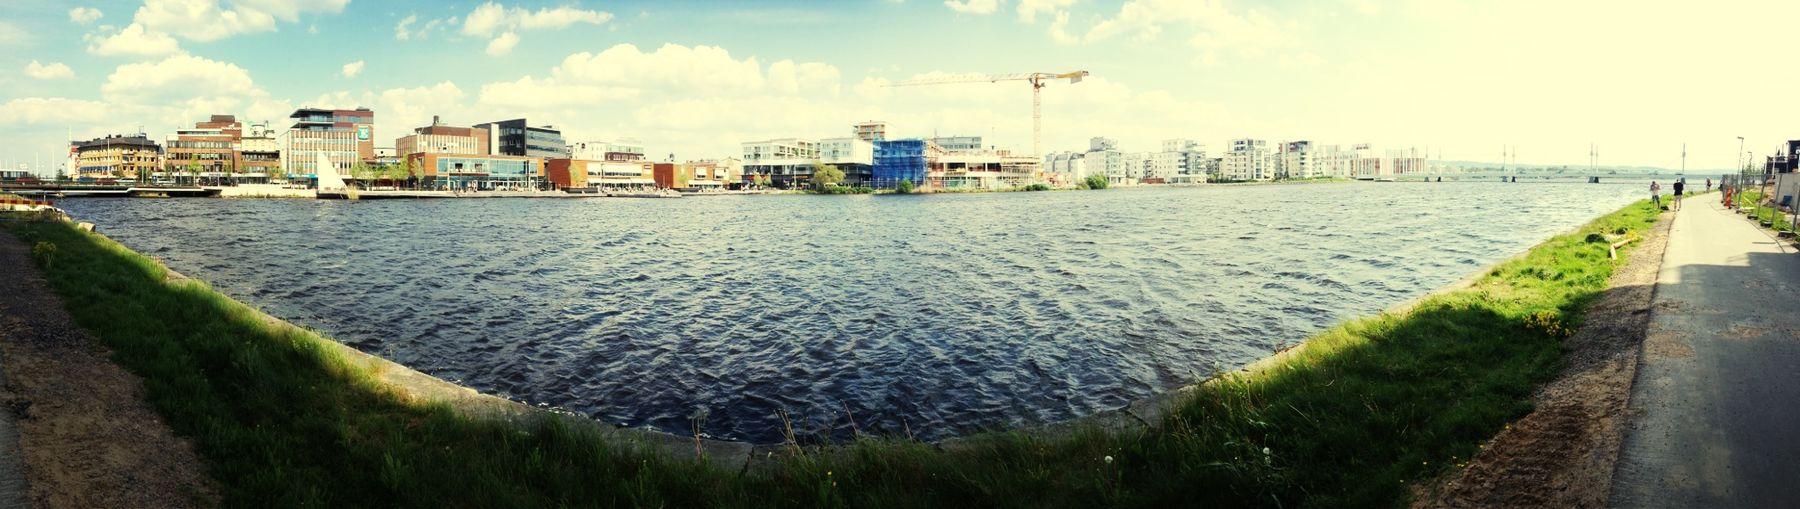 A city in progress. Buildings My Hometown Munksjön Hello World